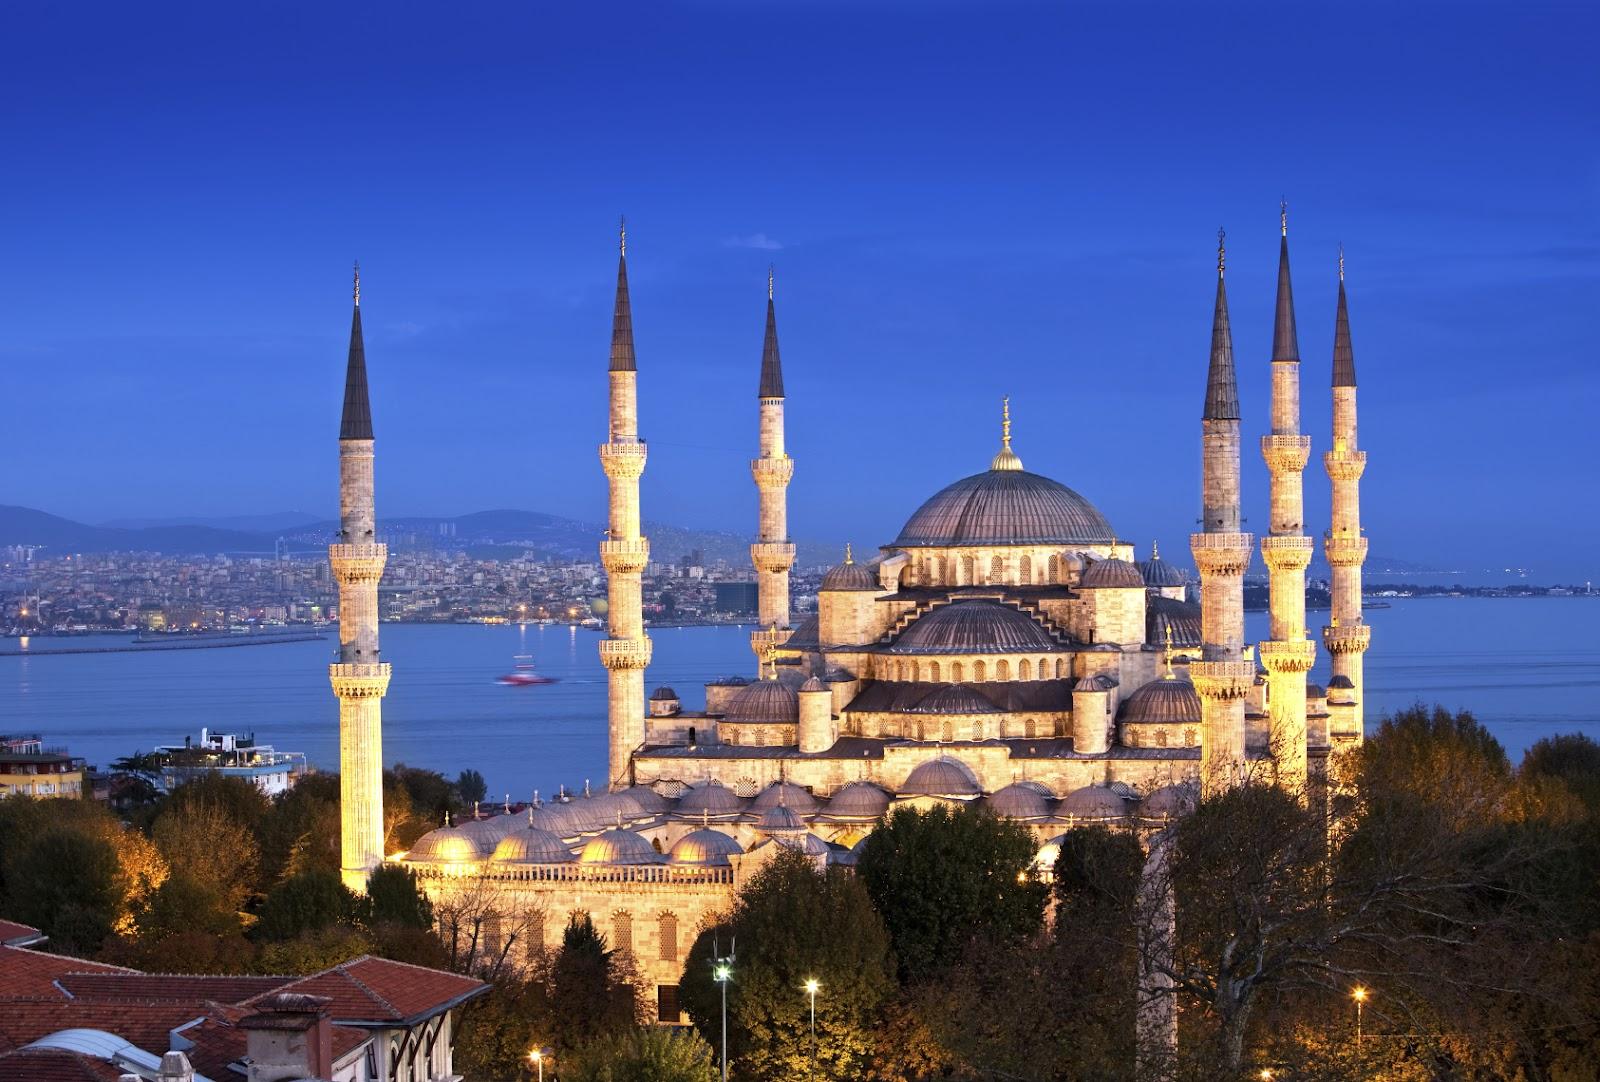 صورة المسجد الازرق تركيا , افضل صور في اسطنبول